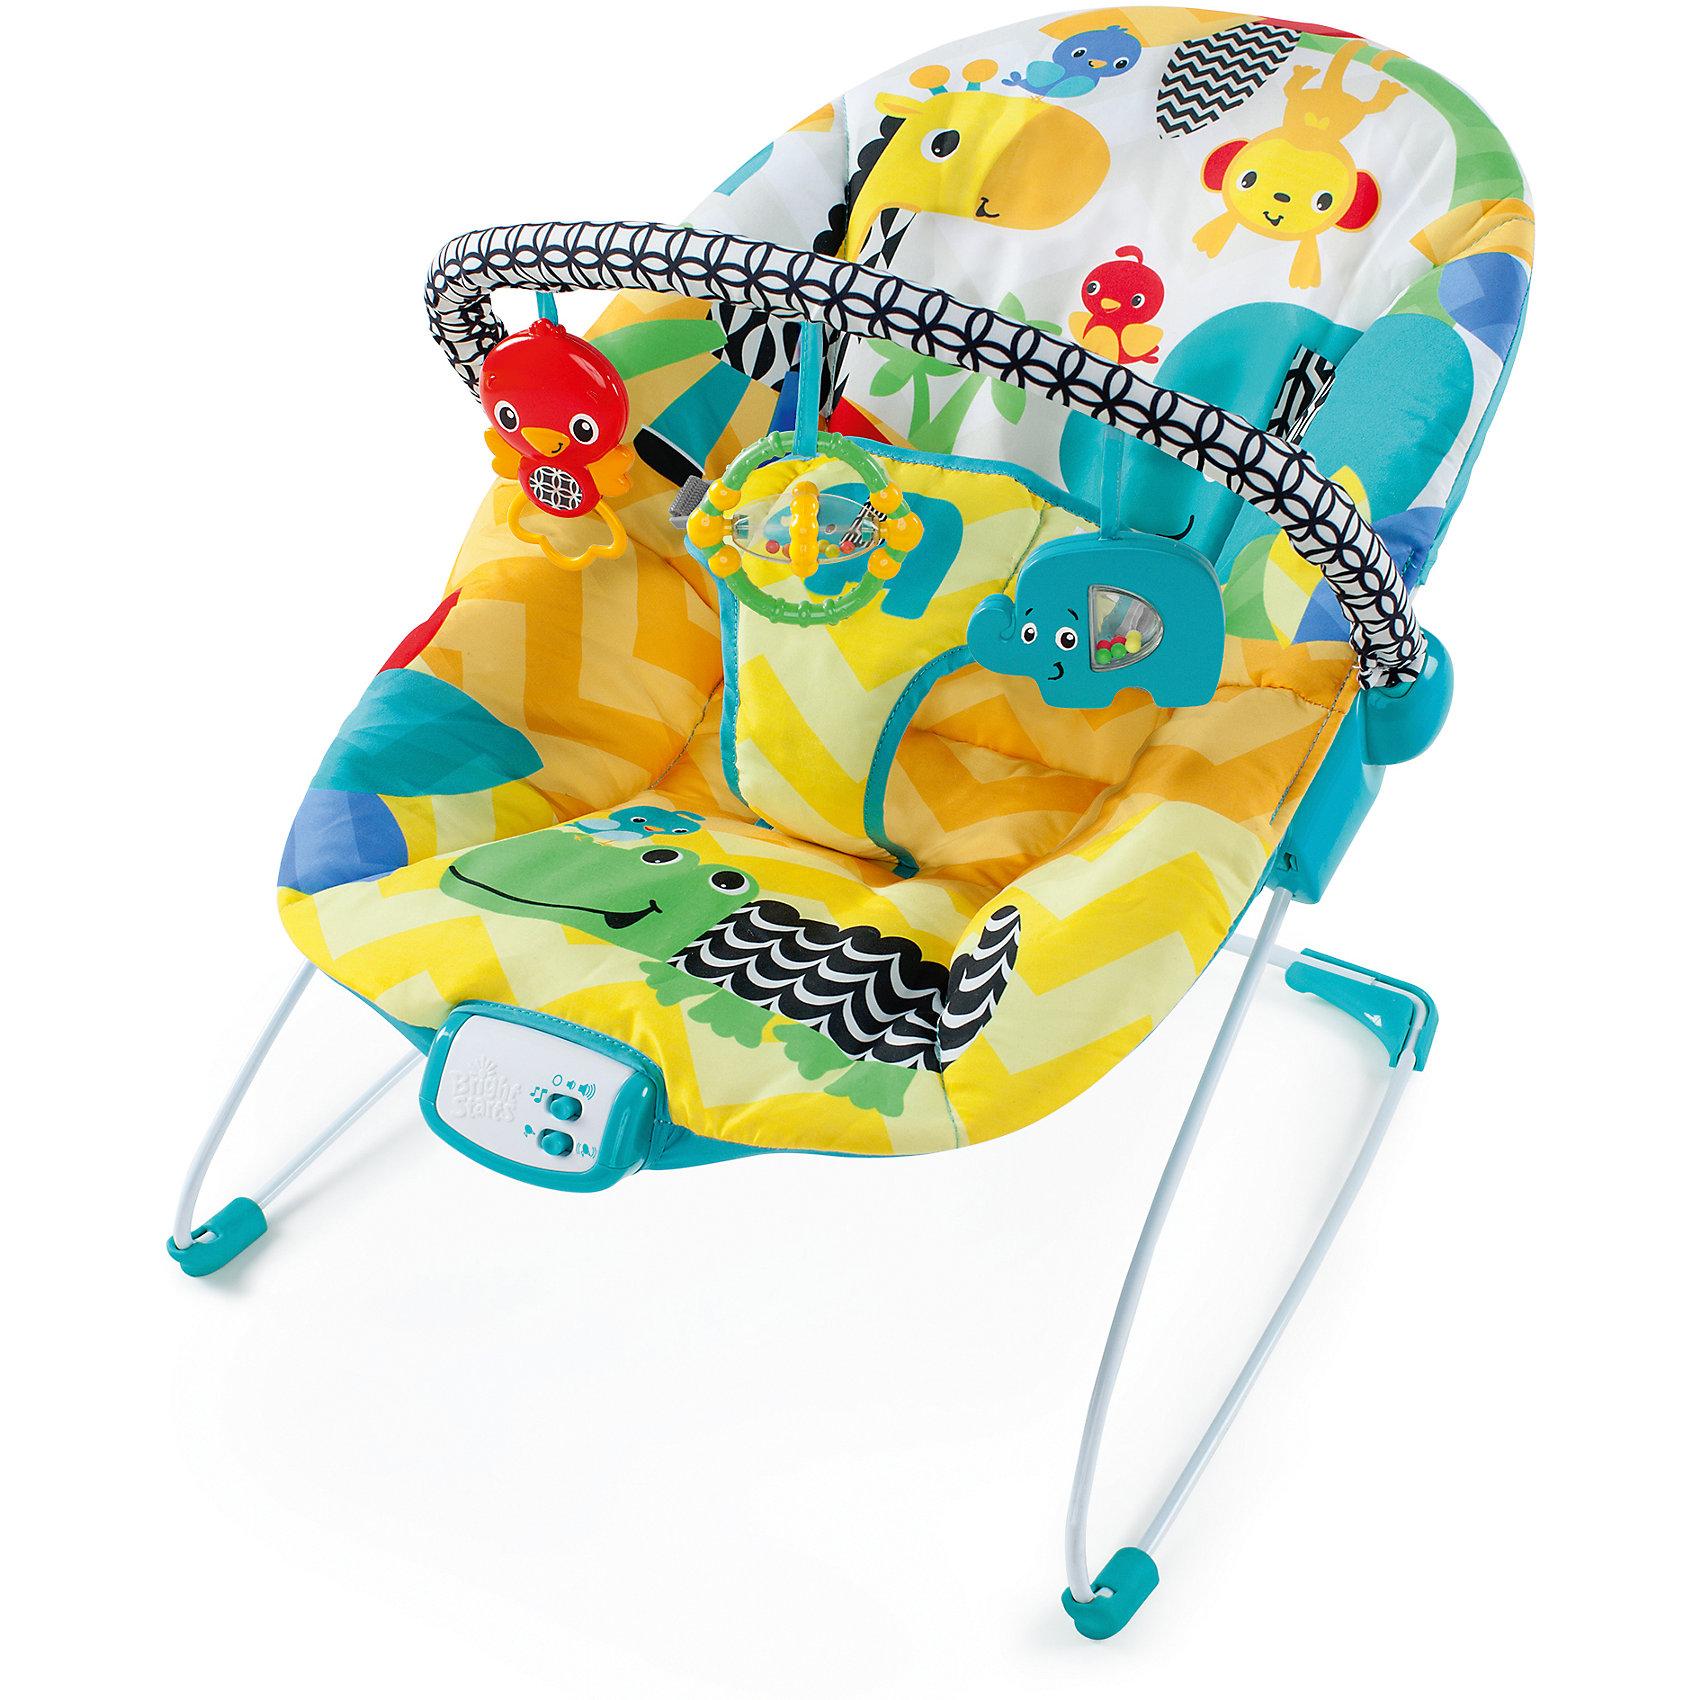 Кресло-качалка «Солнечное сафари» 2016, Bright StartsЯркий персонажи развлекут вашего малыша, а нежная вибрация поможет его успокоить! <br><br>Особенности<br>Сиденье  колыбельного типа дает дополнительную поддержку спинке малыша<br>Успокаивающая вибрация с 7-ю мелодиями и автоматическим отключением через 15 минут<br>3 забавные игрушки: яркая птичка, погремушка – прорезыватель, слоник с разноцветными бусинами<br>Съемная перекладина легко поворачивается для быстрого доступа к ребенку<br><br>Дополнительные характеристики<br>3-х точечный ремень безопасности<br>3 батарейки типа С<br><br>Ширина мм: 516<br>Глубина мм: 338<br>Высота мм: 84<br>Вес г: 2540<br>Возраст от месяцев: 0<br>Возраст до месяцев: 6<br>Пол: Унисекс<br>Возраст: Детский<br>SKU: 4916504